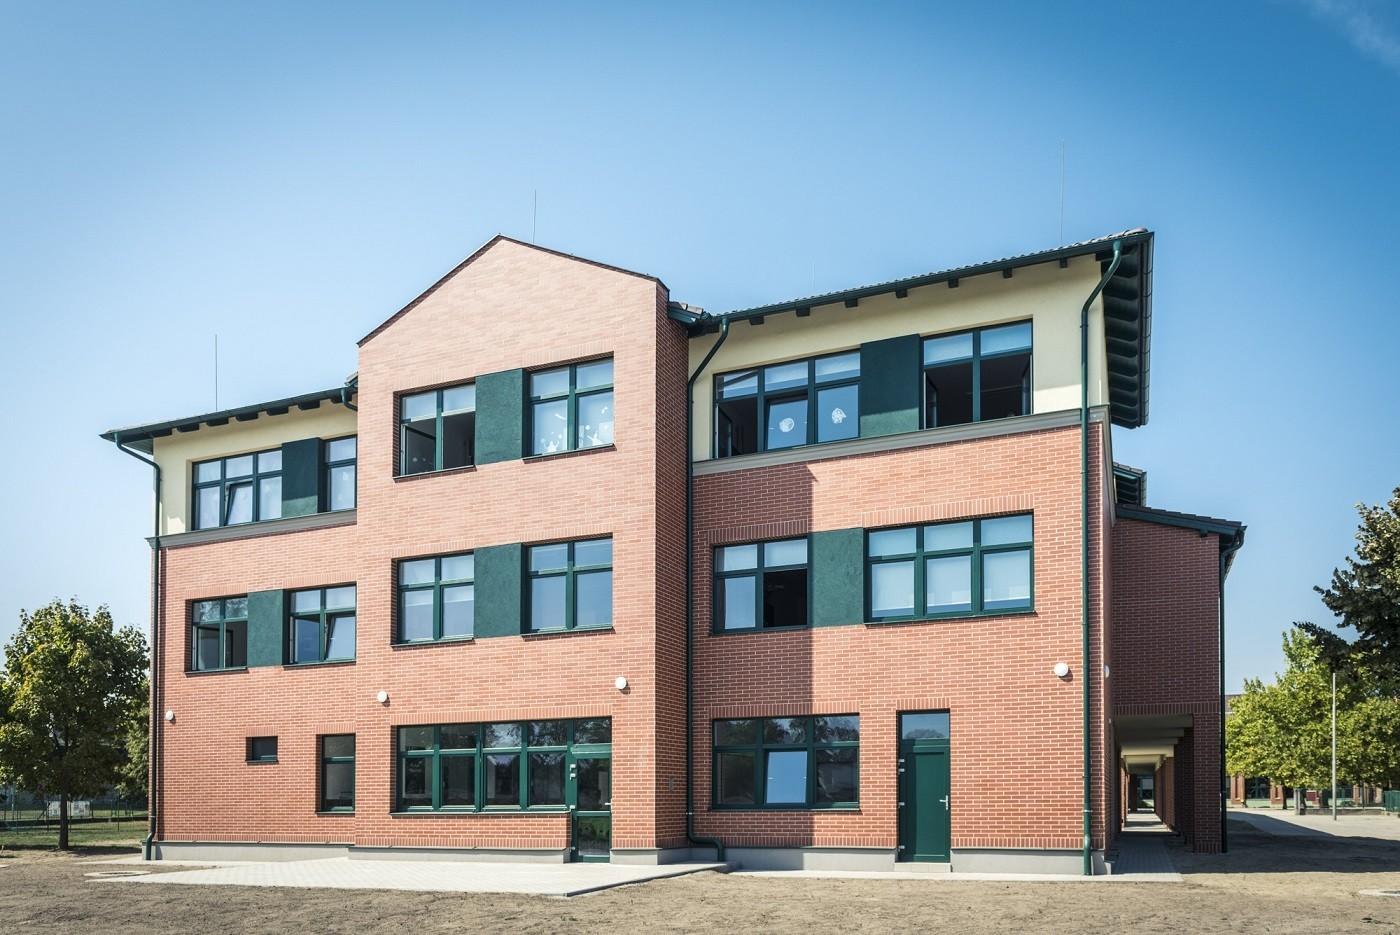 A Merkbaunak köszönhetően új épületben indult a tanév Baján